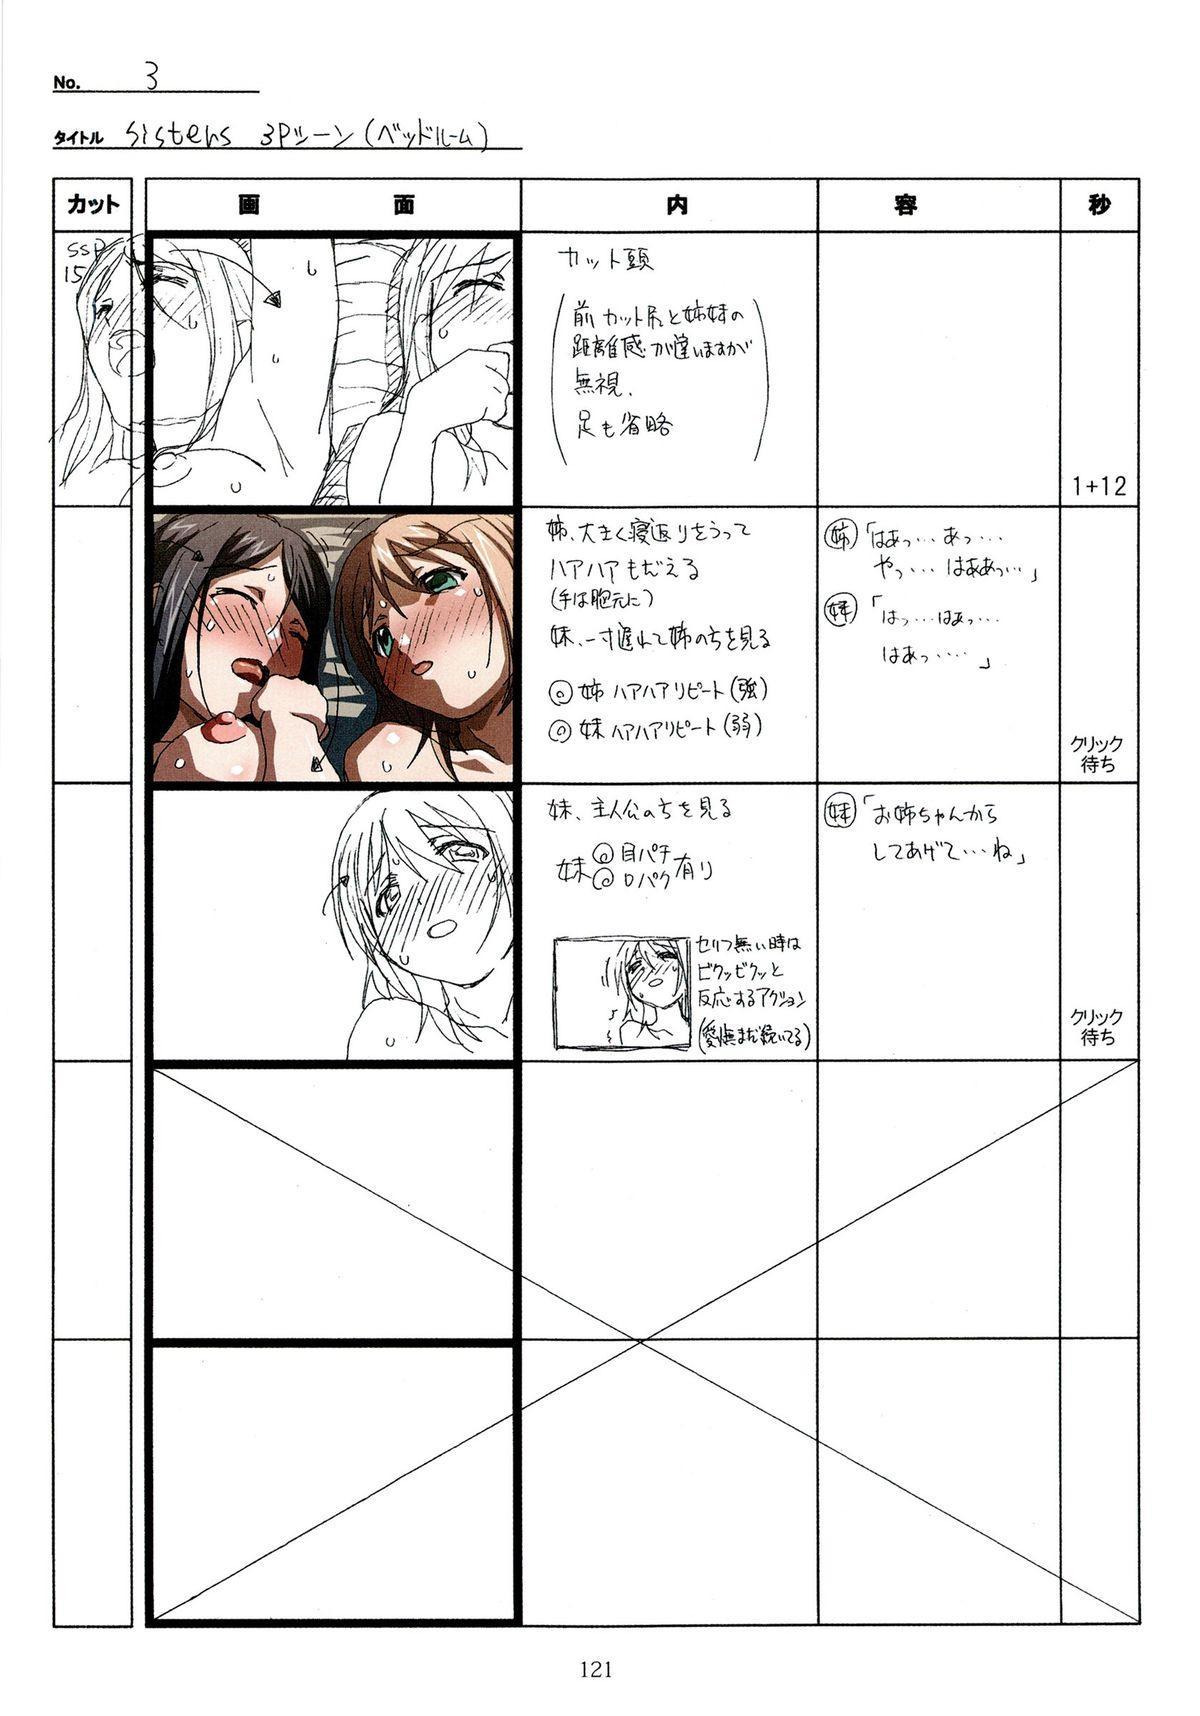 (C89) [Makino Jimusho (Taki Minashika)] SISTERS -Natsu no Saigo no Hi- H Scene All Part Storyboard (SISTERS -Natsu no Saigo no Hi-) 120